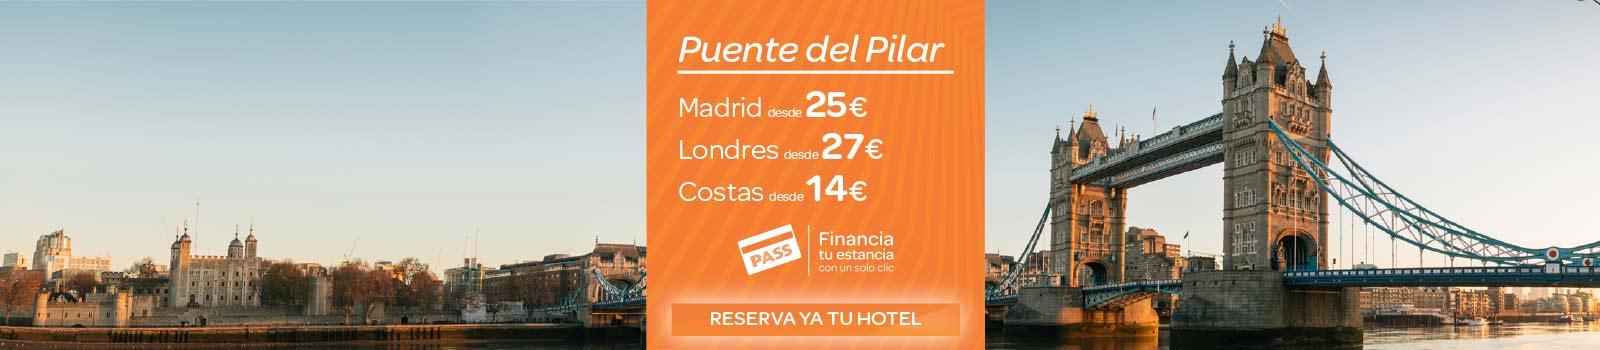 Ofertas Hoteles Puente de El Pilar